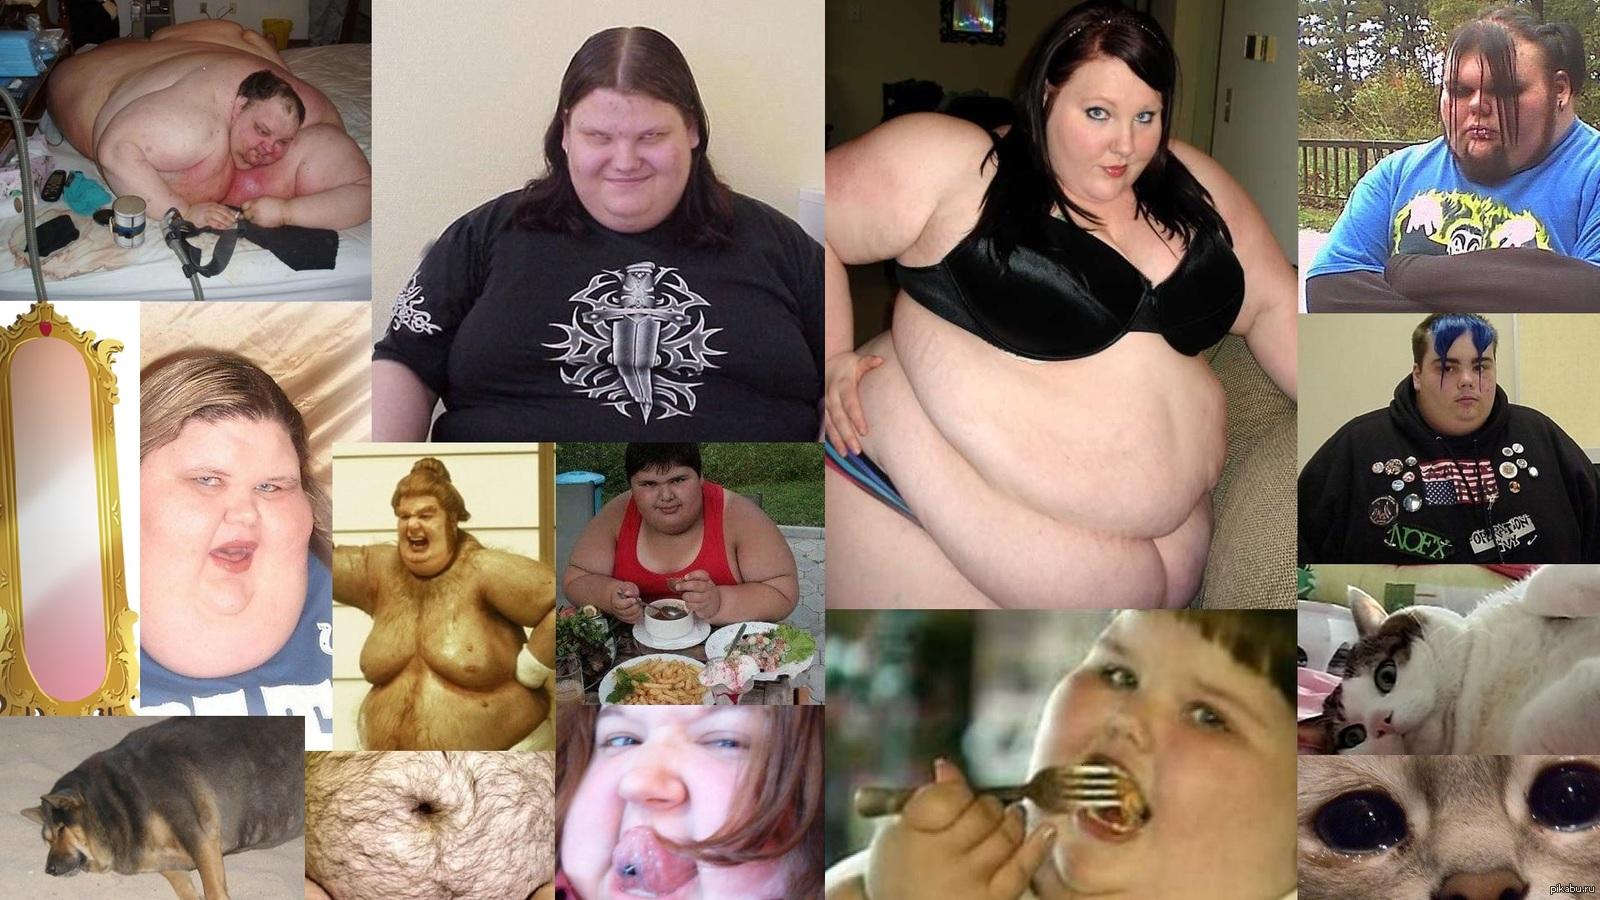 Худой парень ебет толстую жопу, Толстый мужик ебёт девчонку (видео) 17 фотография